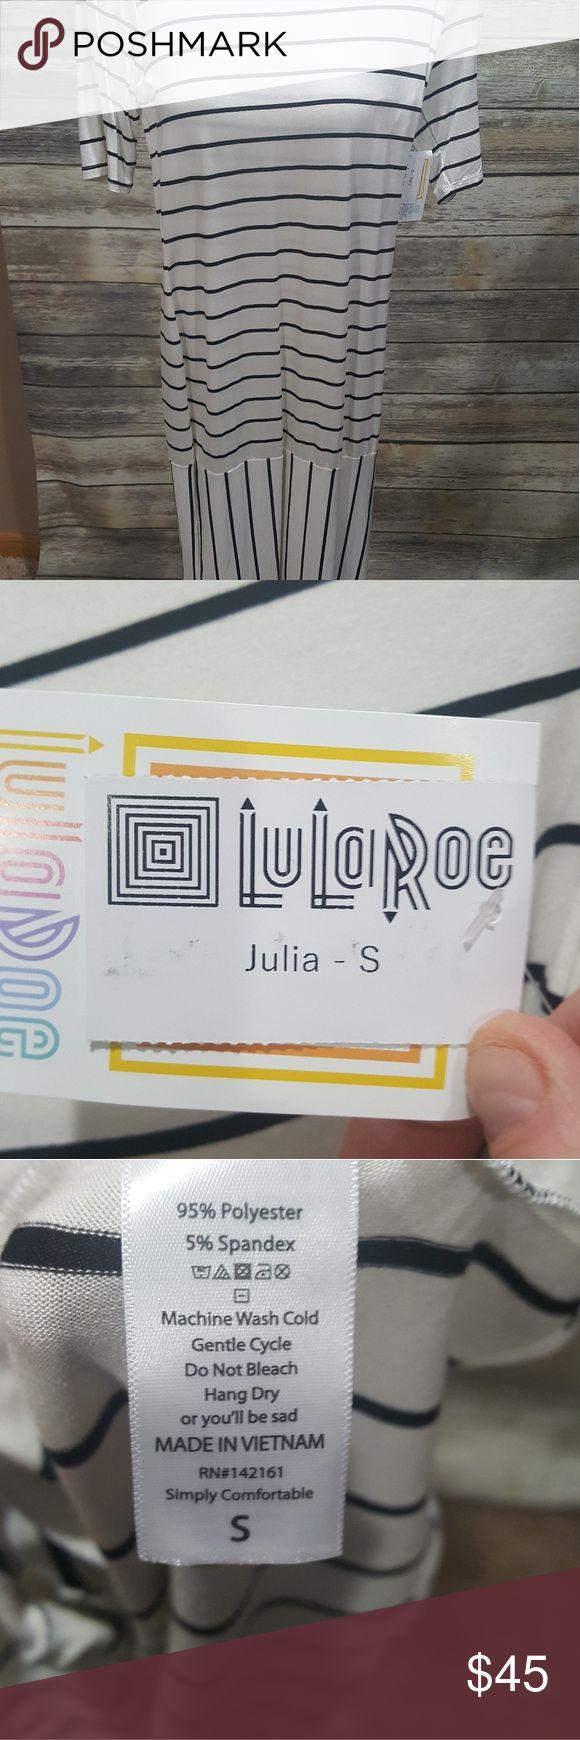 LuLaRoe Julia Size S LuLaRoe Julia Size S LuLaRoe Dresses